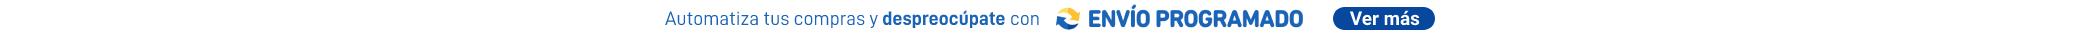 Envio Programado banner top